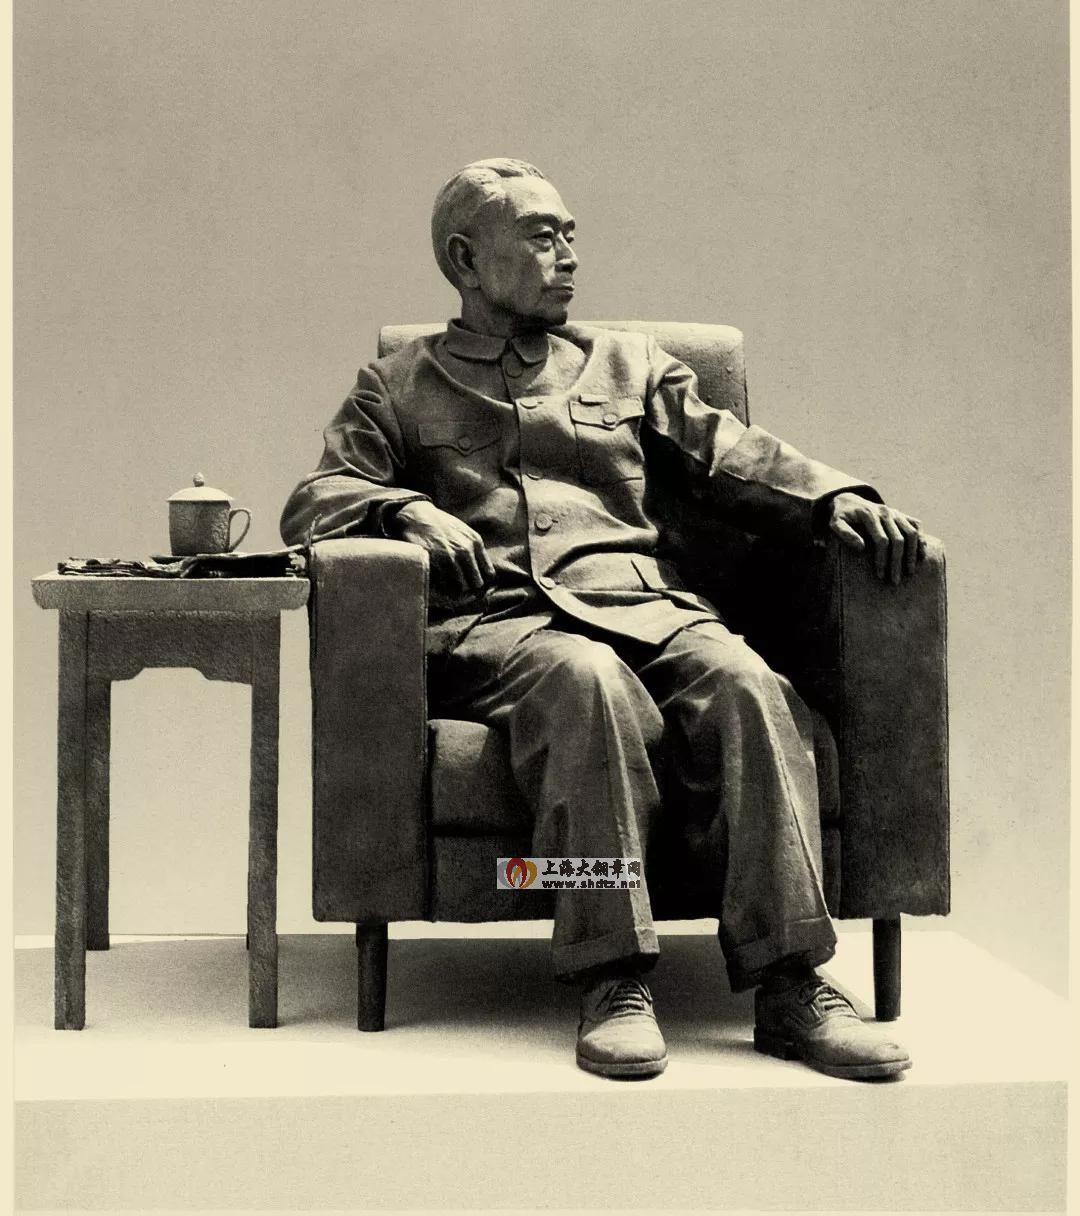 鞠躬尽瘁 / 班陵生 / 125 × 110 × 117 cm / 玻璃钢 / 1999